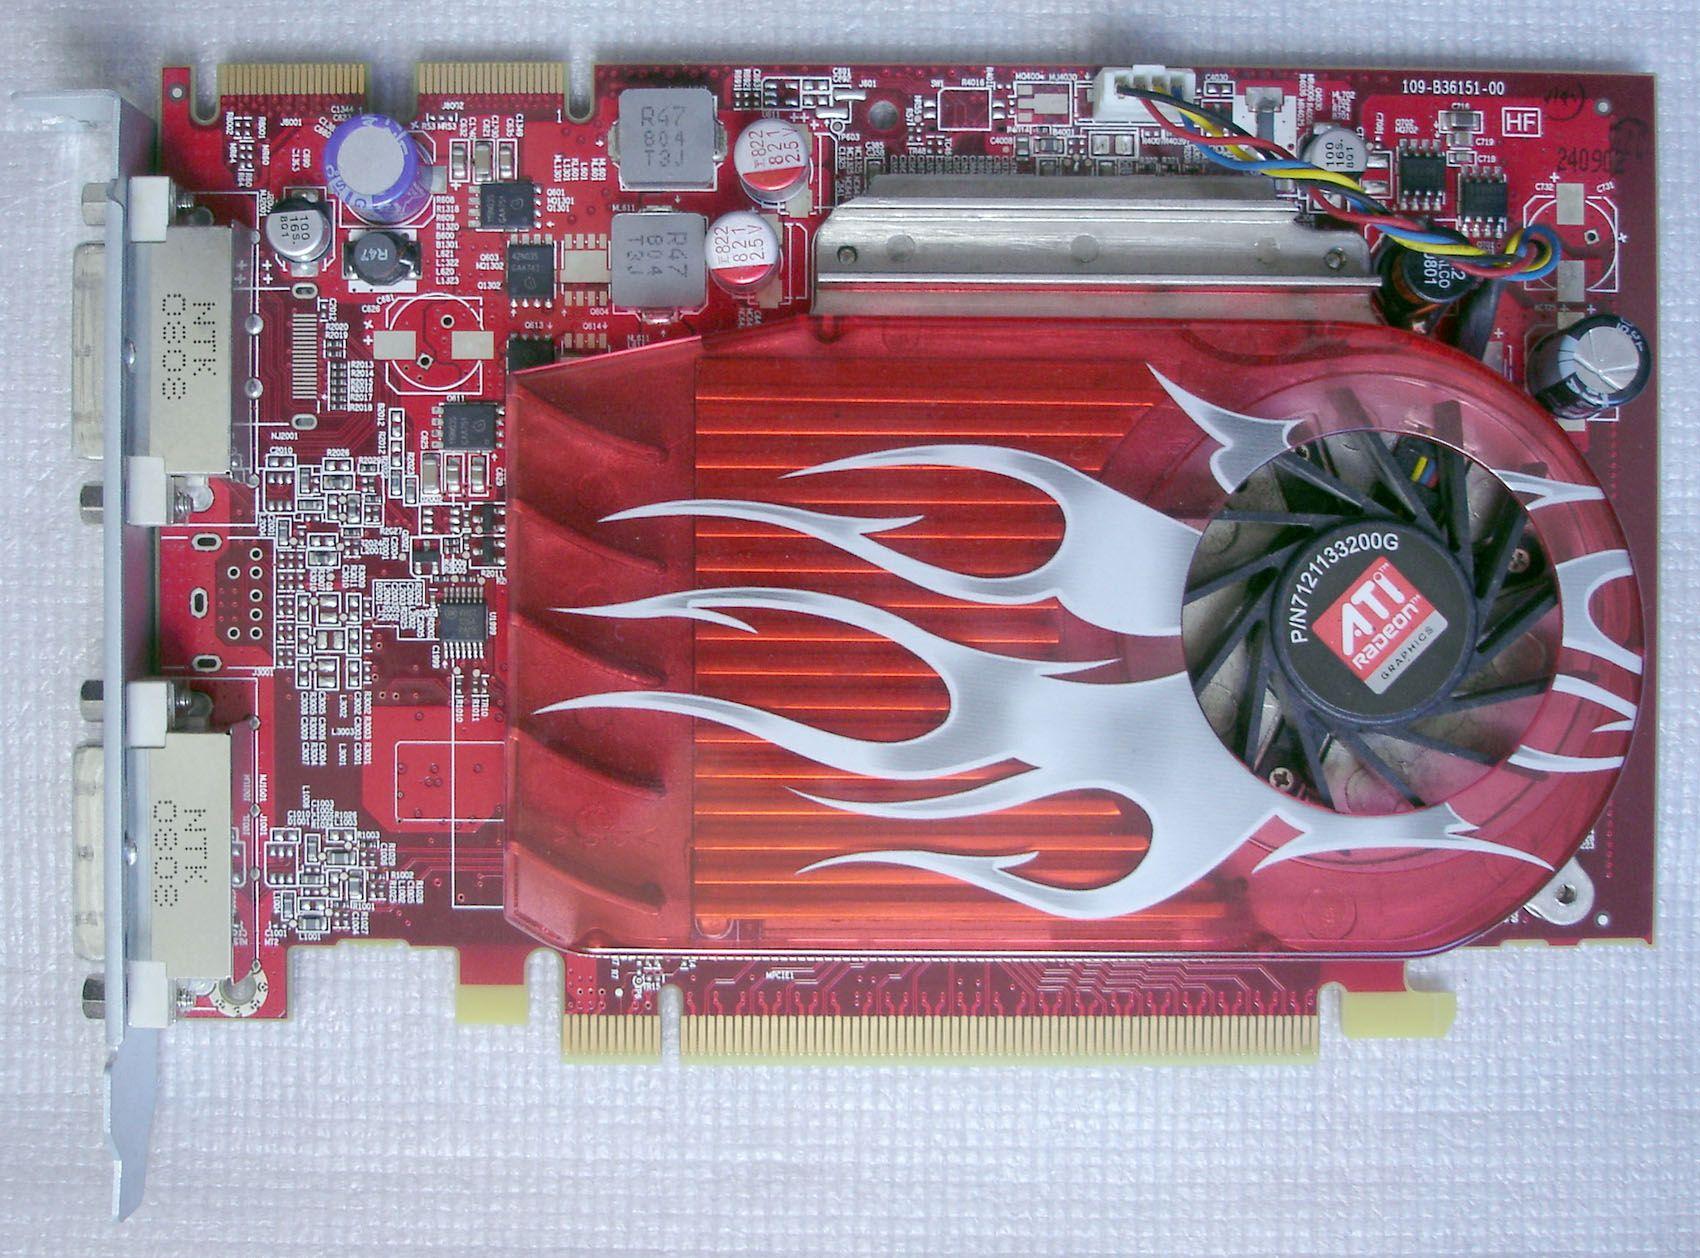 630-8924 630-9494/T0026 Radeon HD 2600XT RV630 256MB DDR3 PCIe Video Card for A1186 PRO Ma970